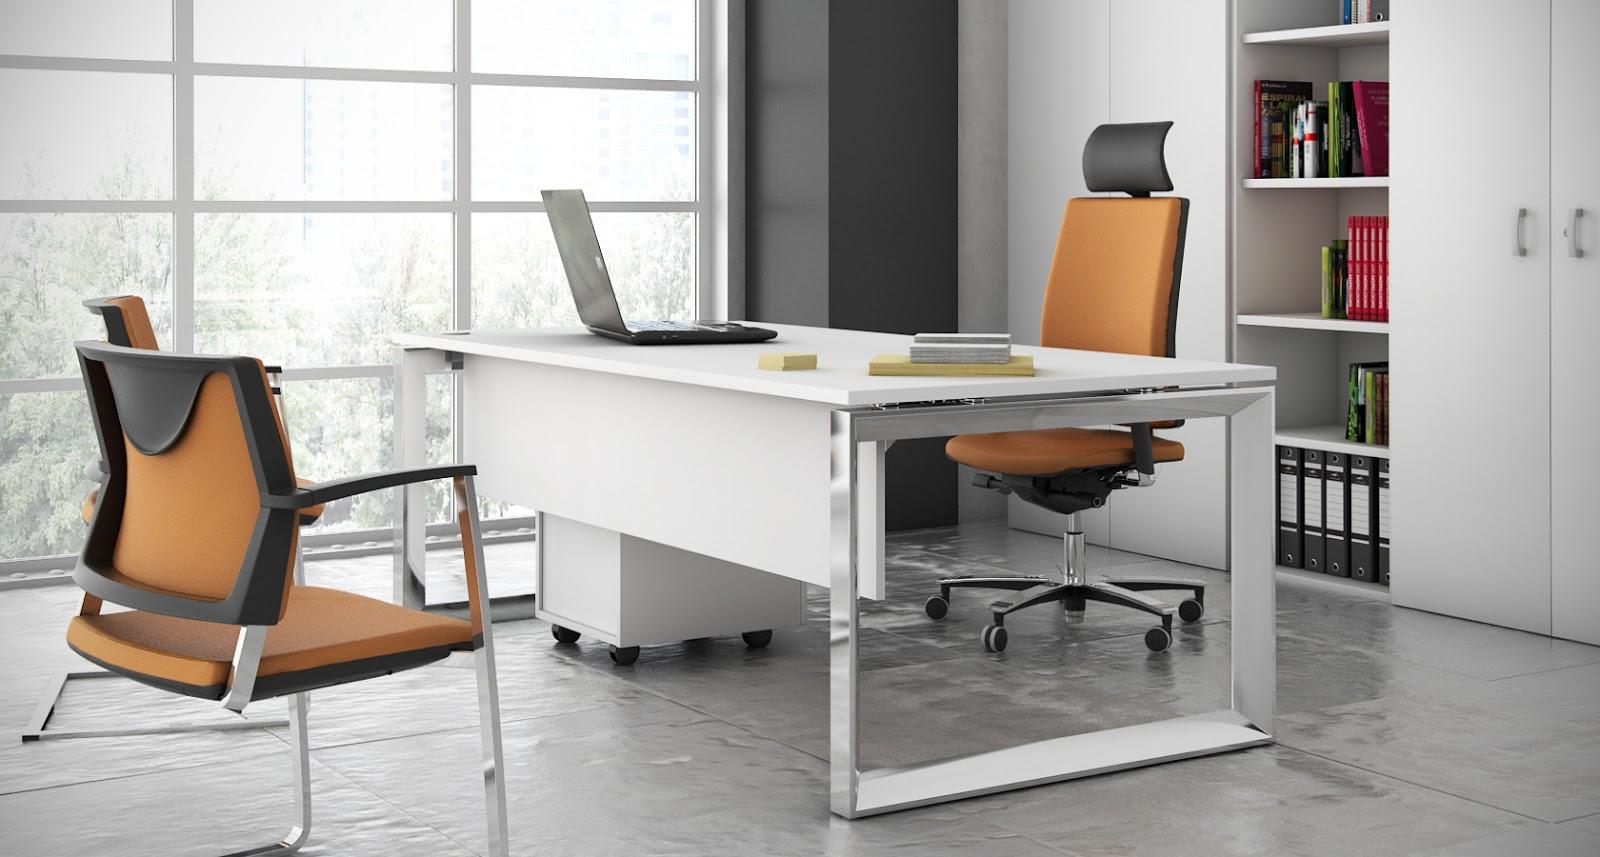 Oficina total nueva serie star de mobiliario for Mobiliario de oficina malaga